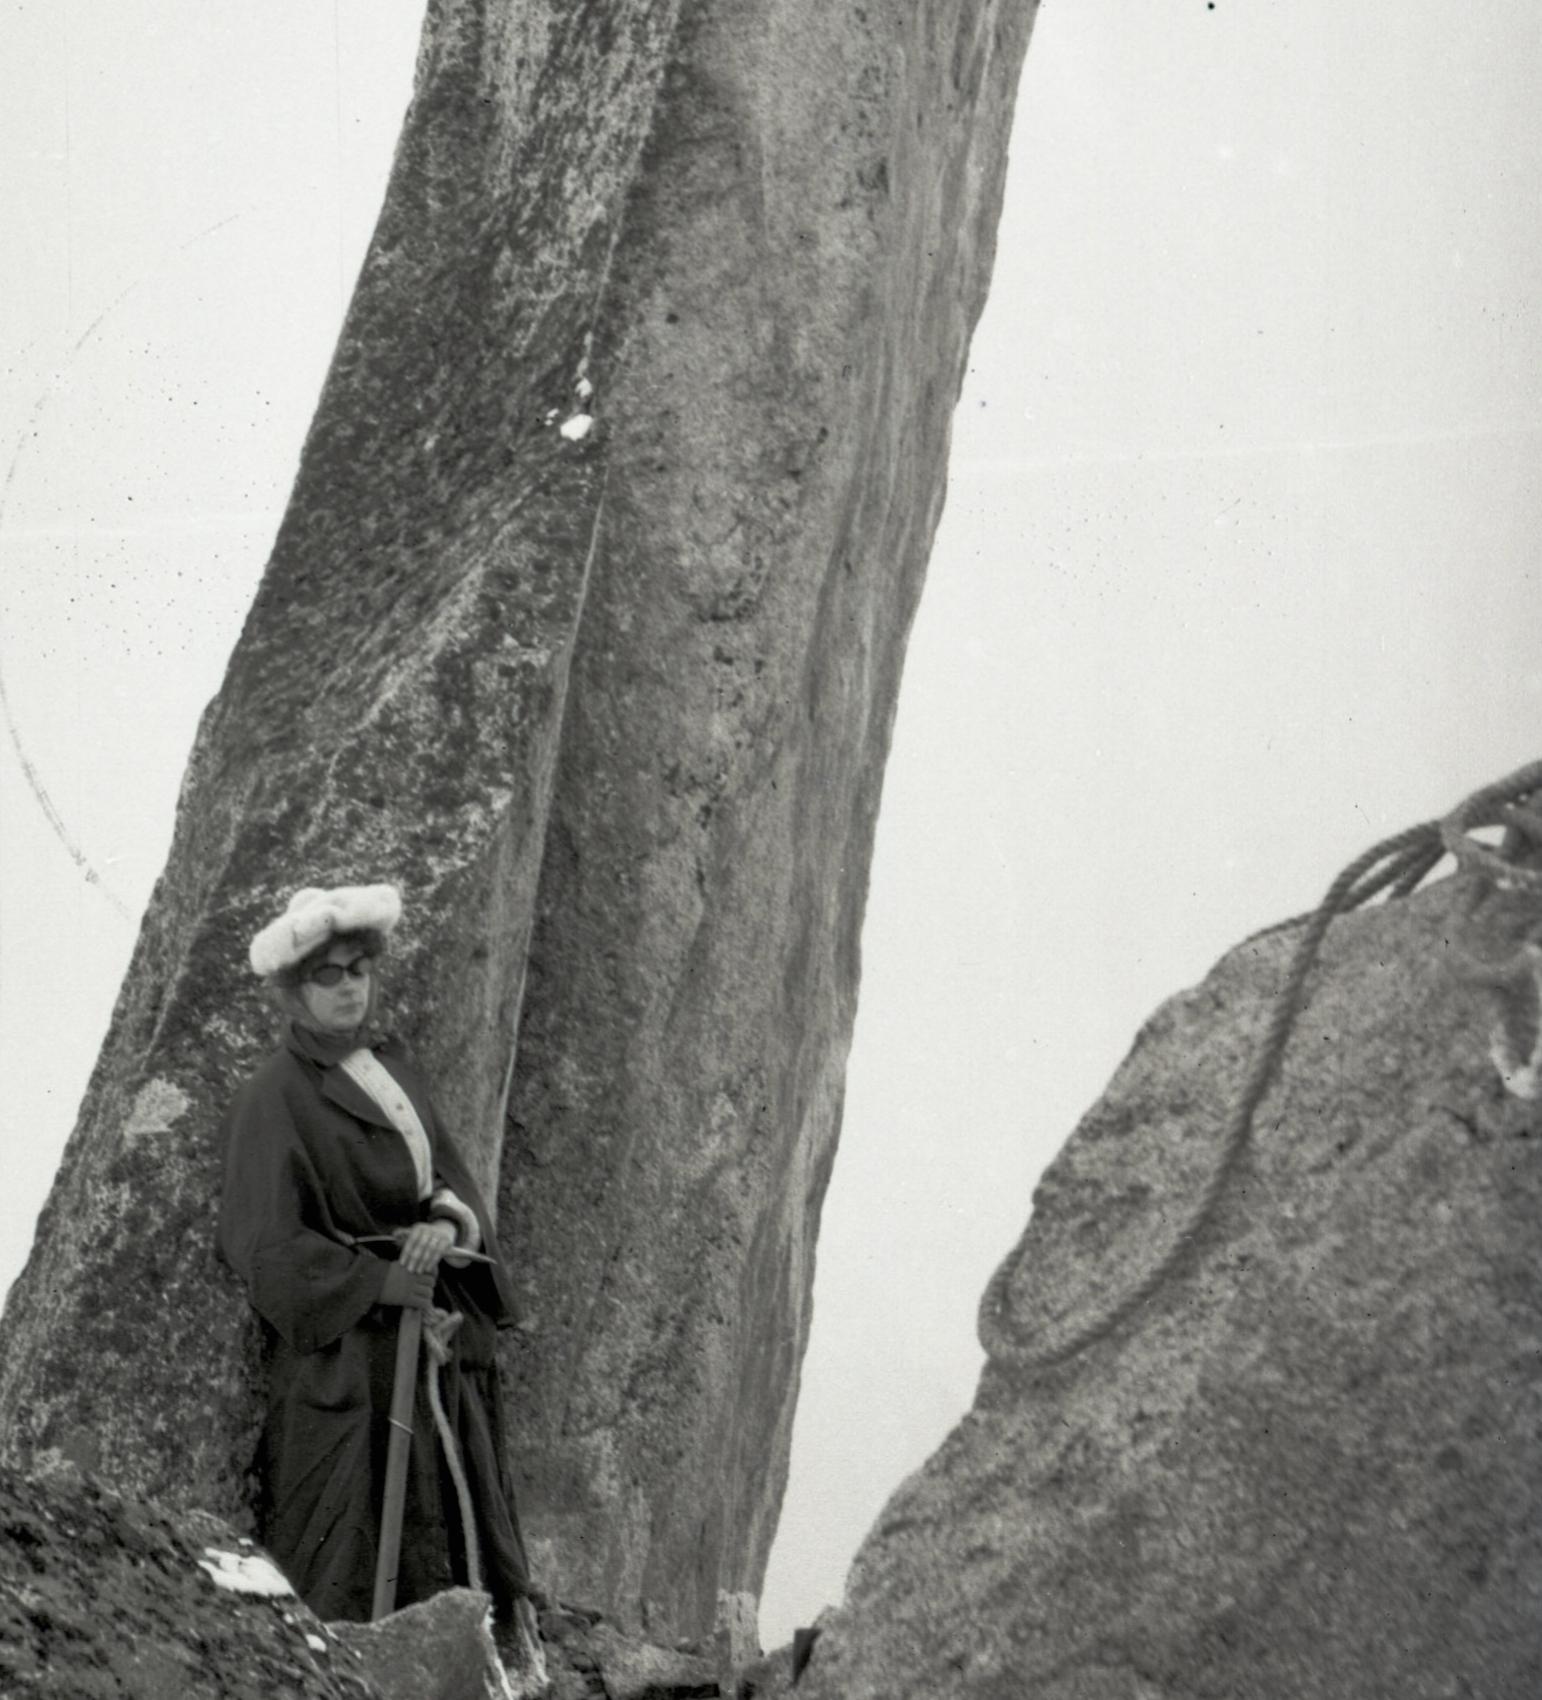 Woman of the Alps, circa 1905